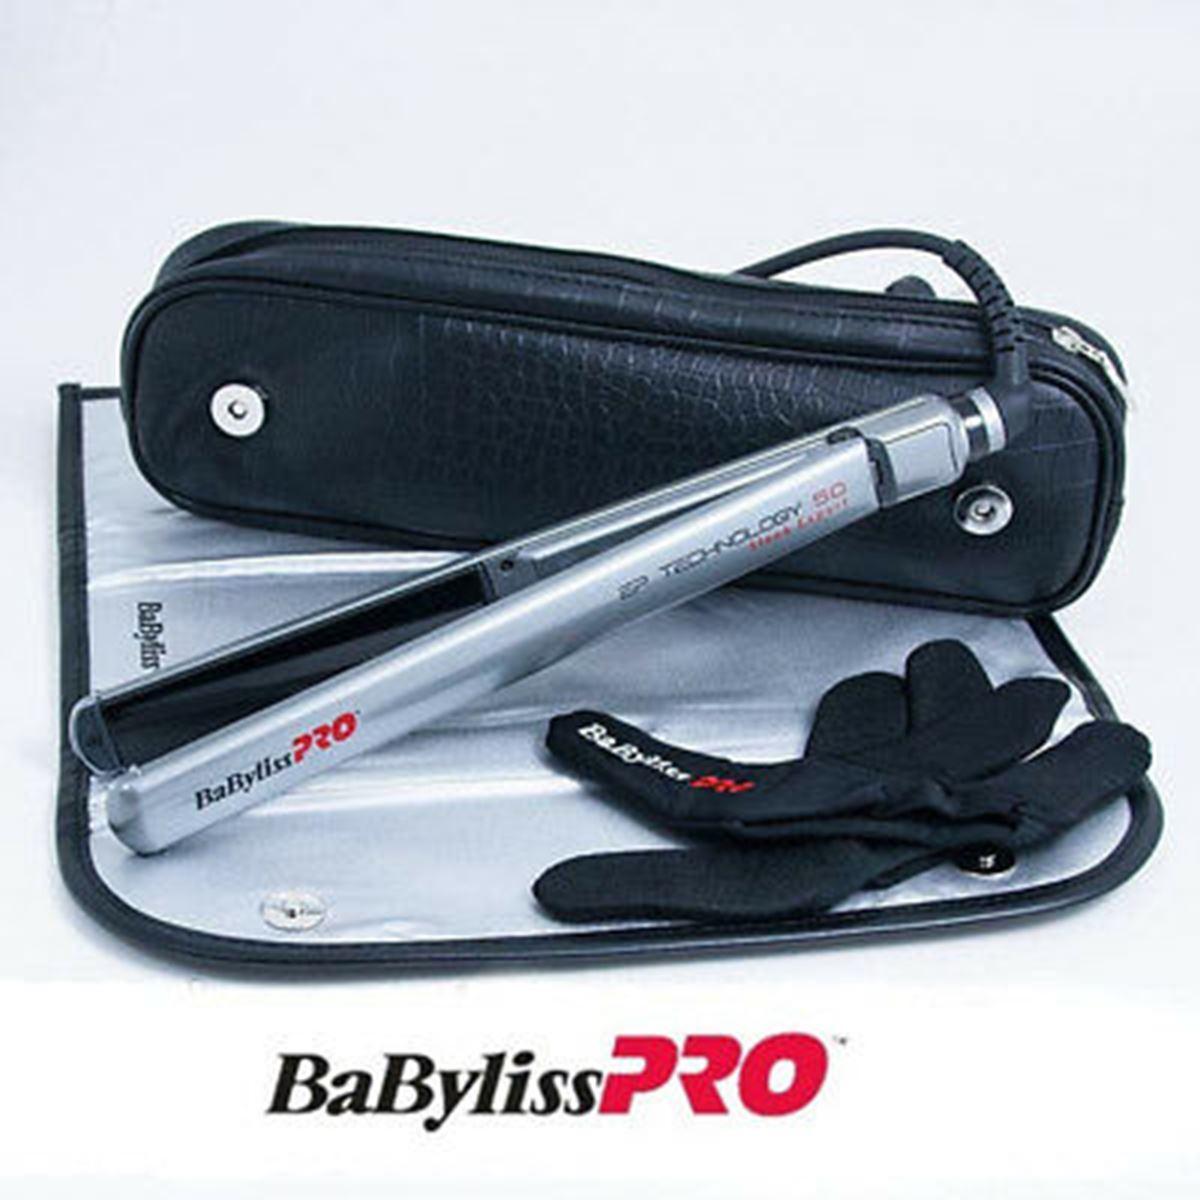 Babyliss Saç Düzleştiricisi Ultra Bab2072epe